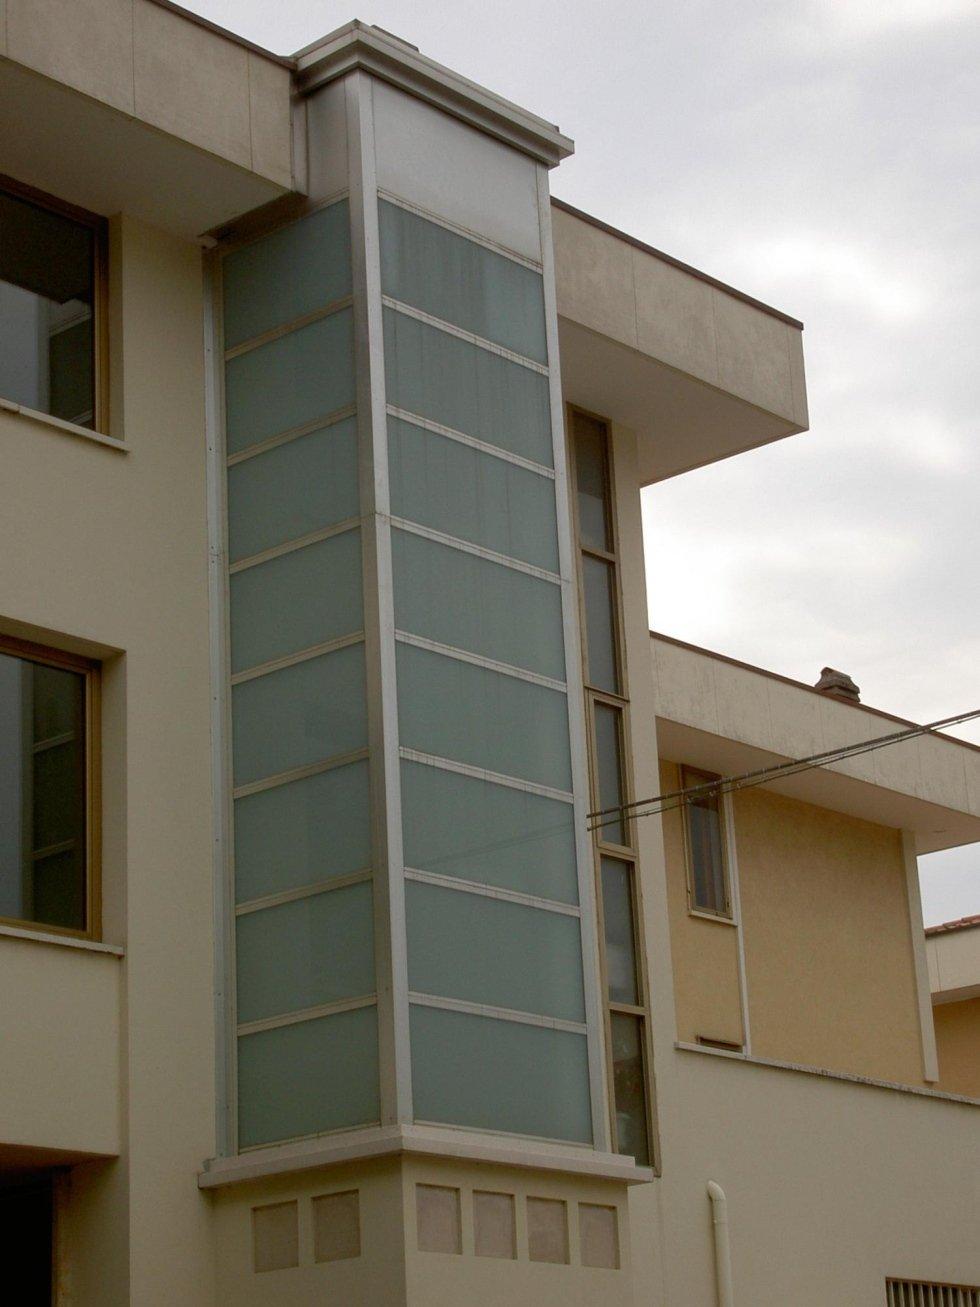 ascensore panoramico per condominio-vista laterale